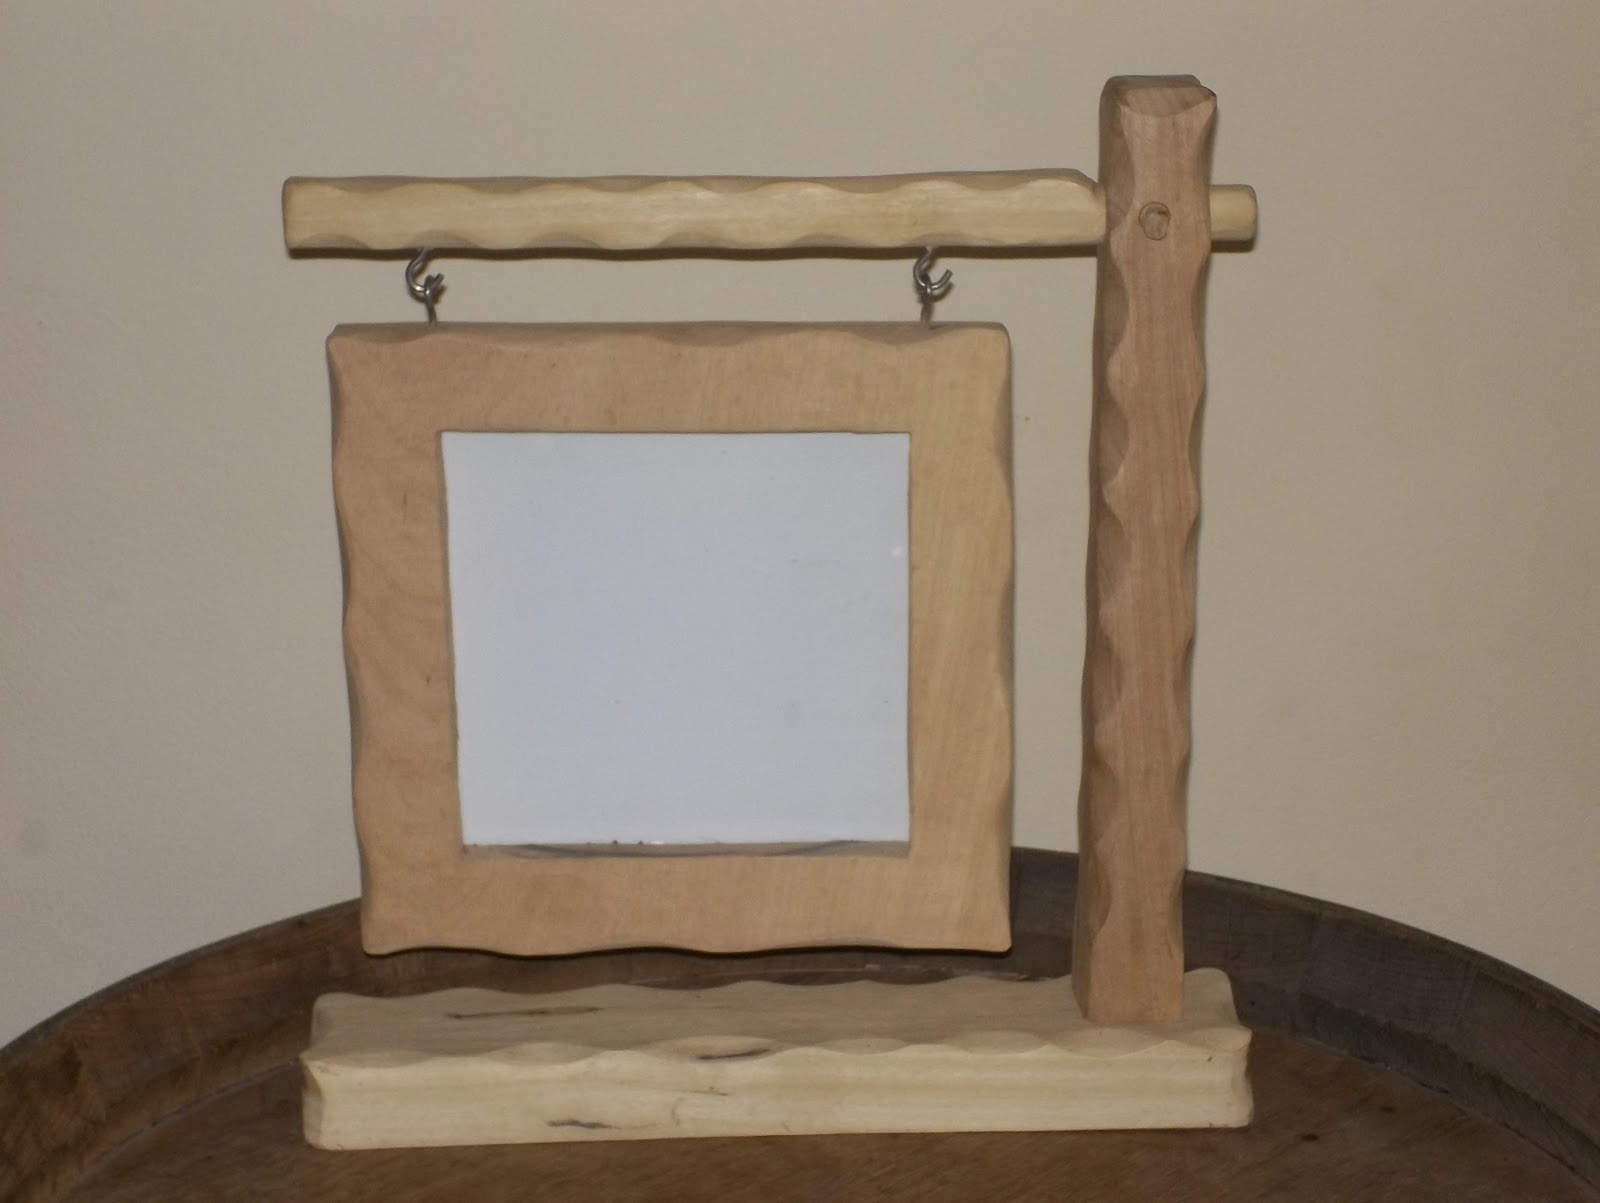 Remodelaci n y mantenimiento de casas y negocios - Percheros de madera rusticos ...